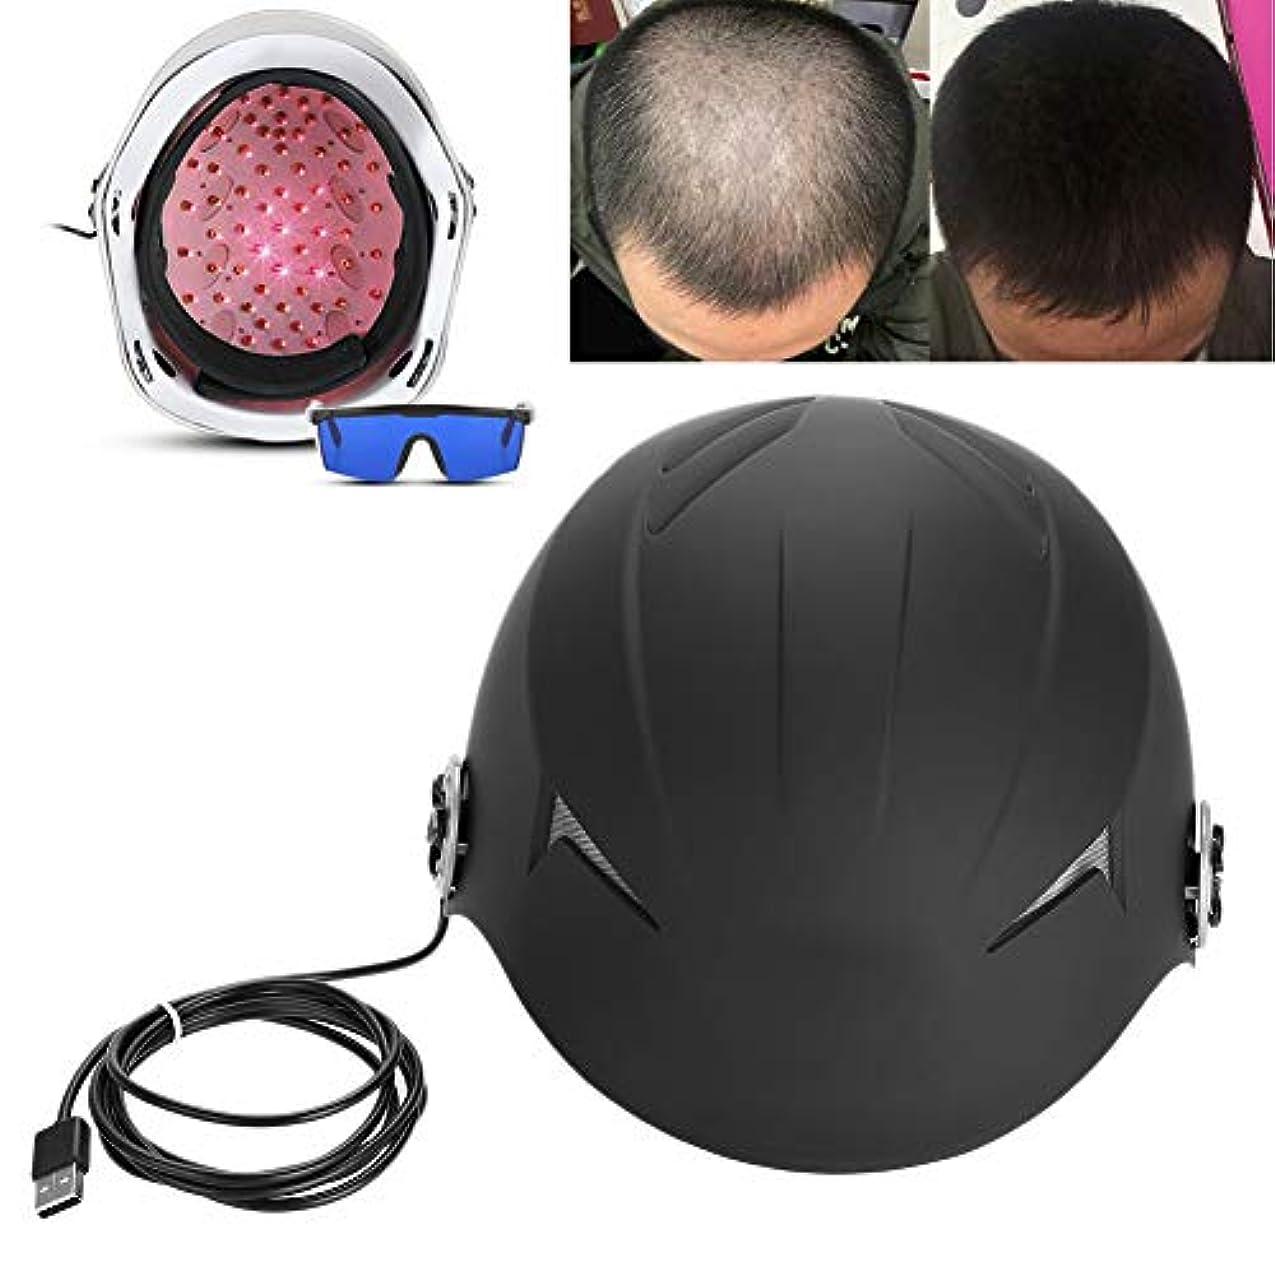 先見の明正しい体現するヘアーレーザー育毛ヘルメット 68ダイオード育毛ヘルメット、速い成長治療のための赤外線育毛帽子そして抜け毛の問題を解決